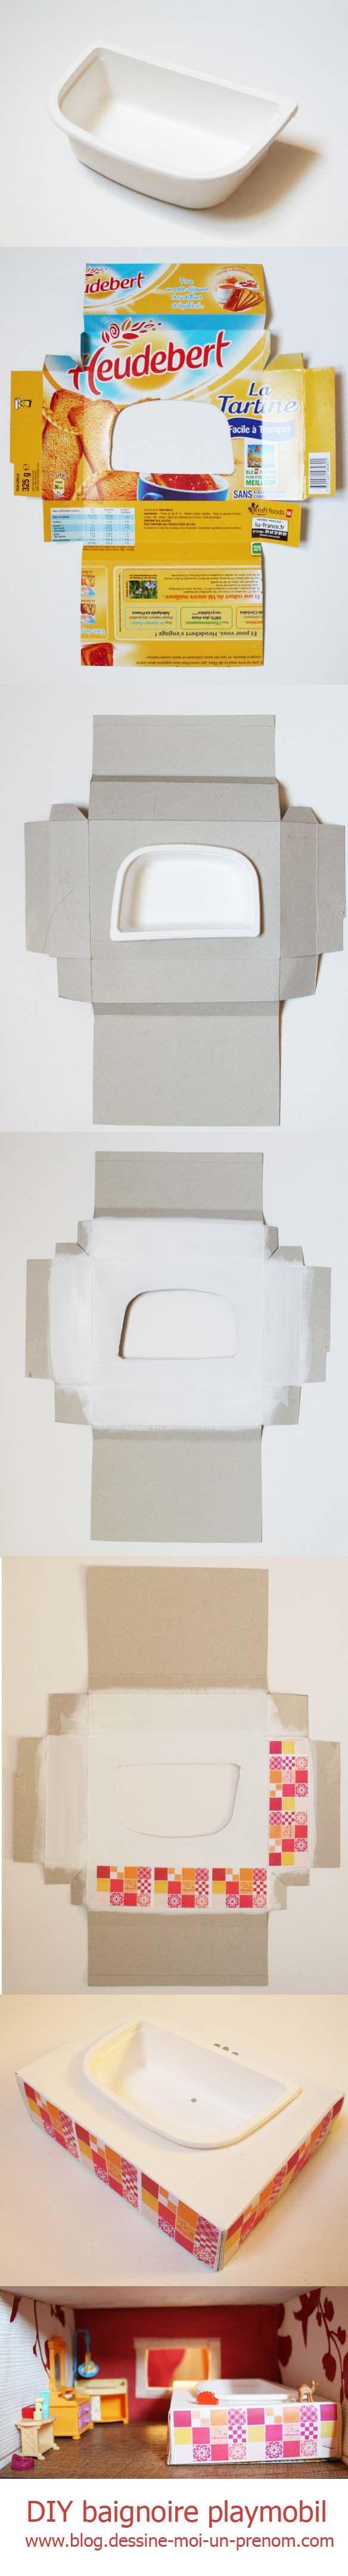 tutoriel-diy-fabriquer-salle-de-bains-playmobil